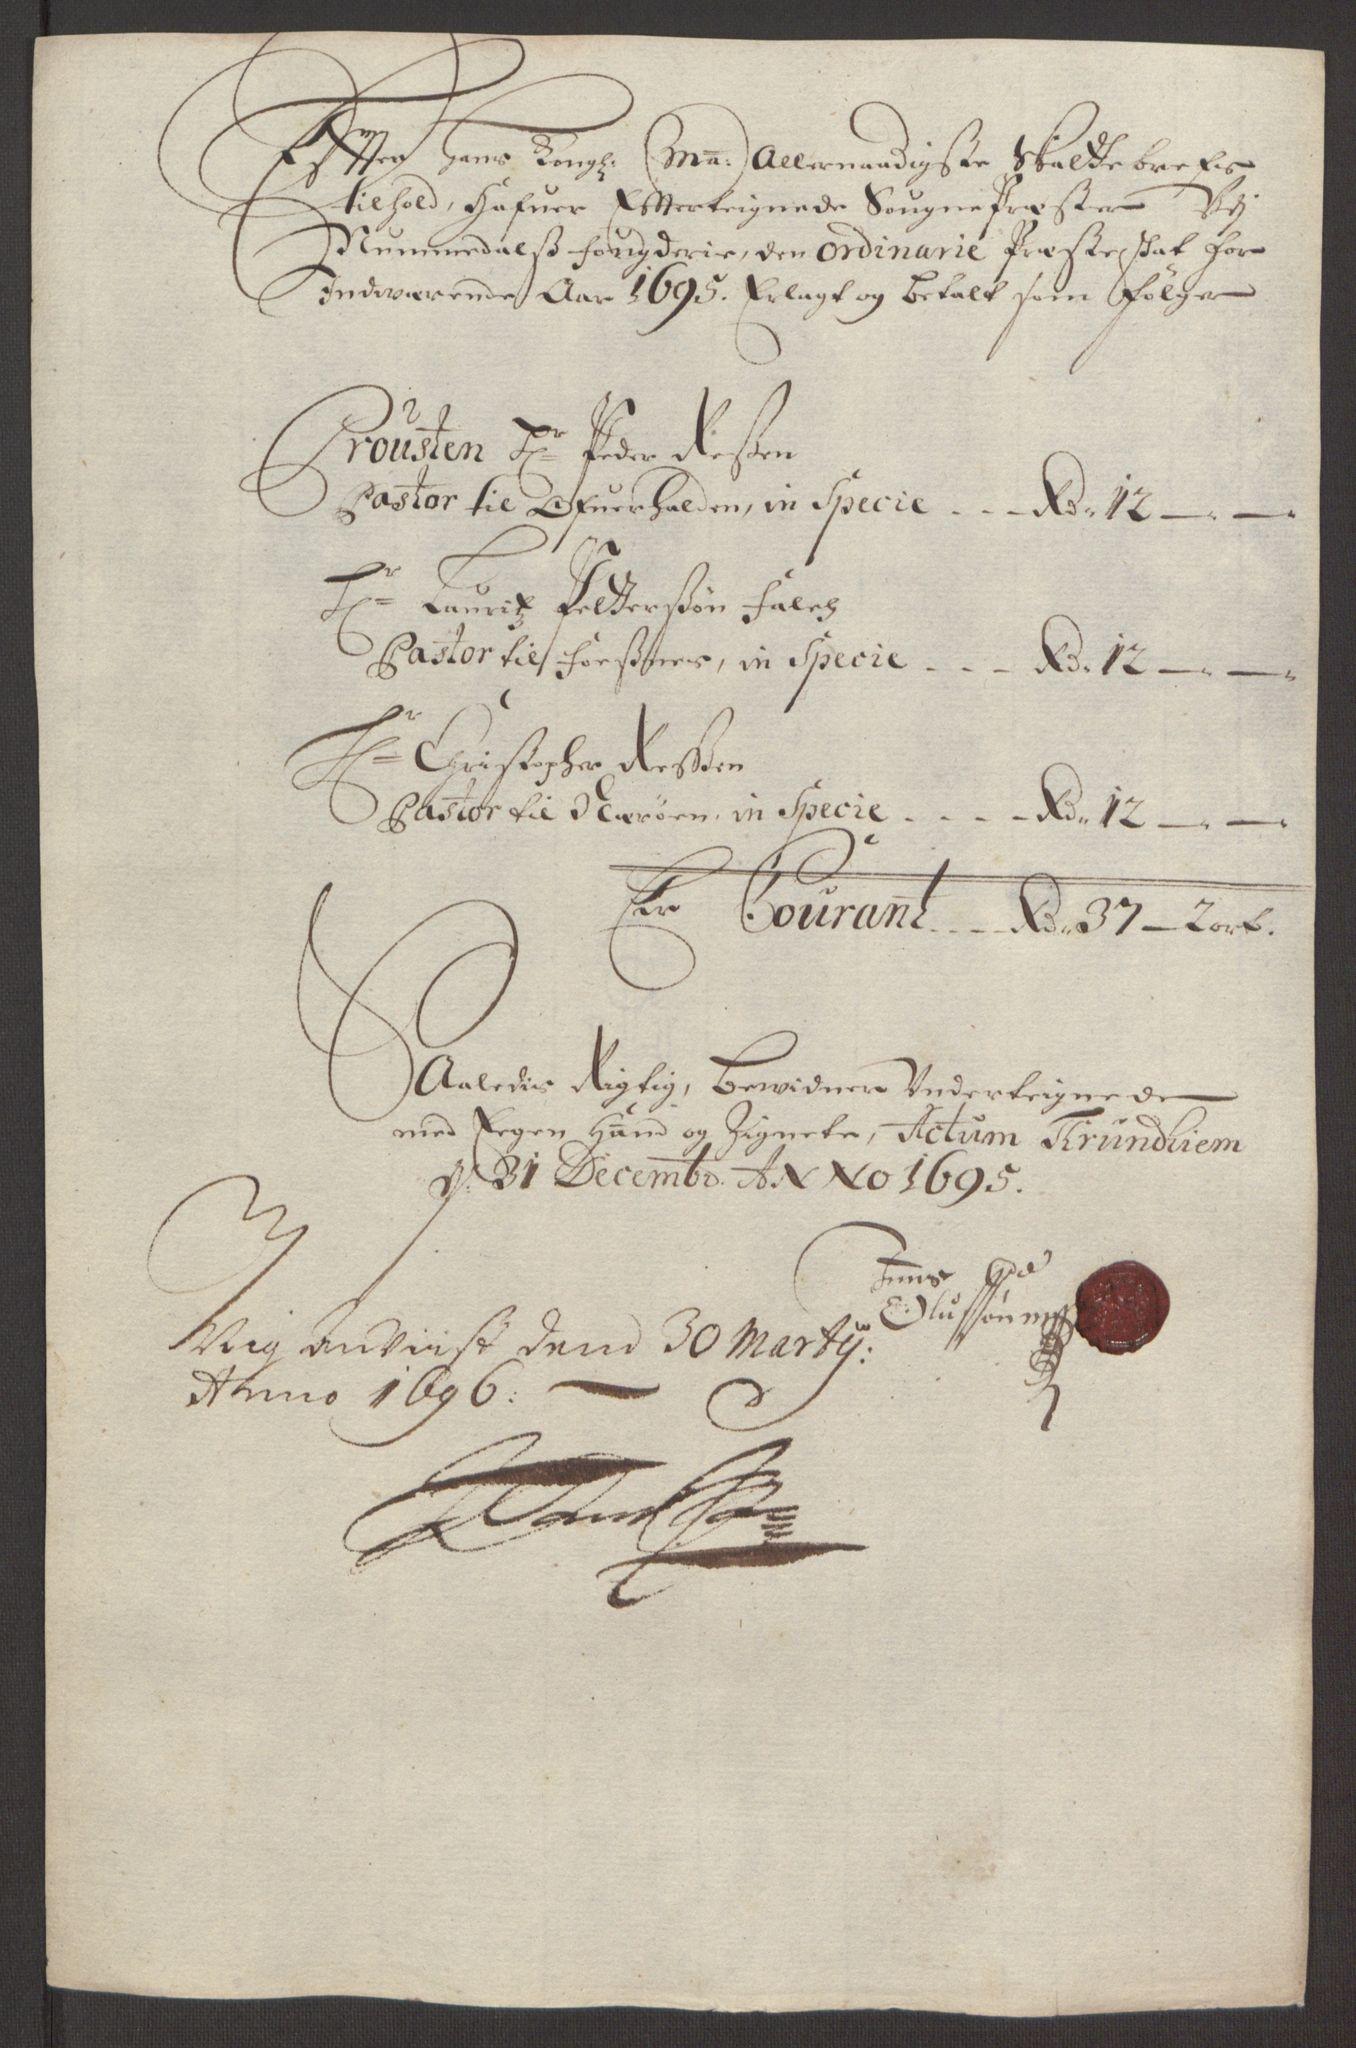 RA, Rentekammeret inntil 1814, Reviderte regnskaper, Fogderegnskap, R64/L4424: Fogderegnskap Namdal, 1692-1695, s. 506